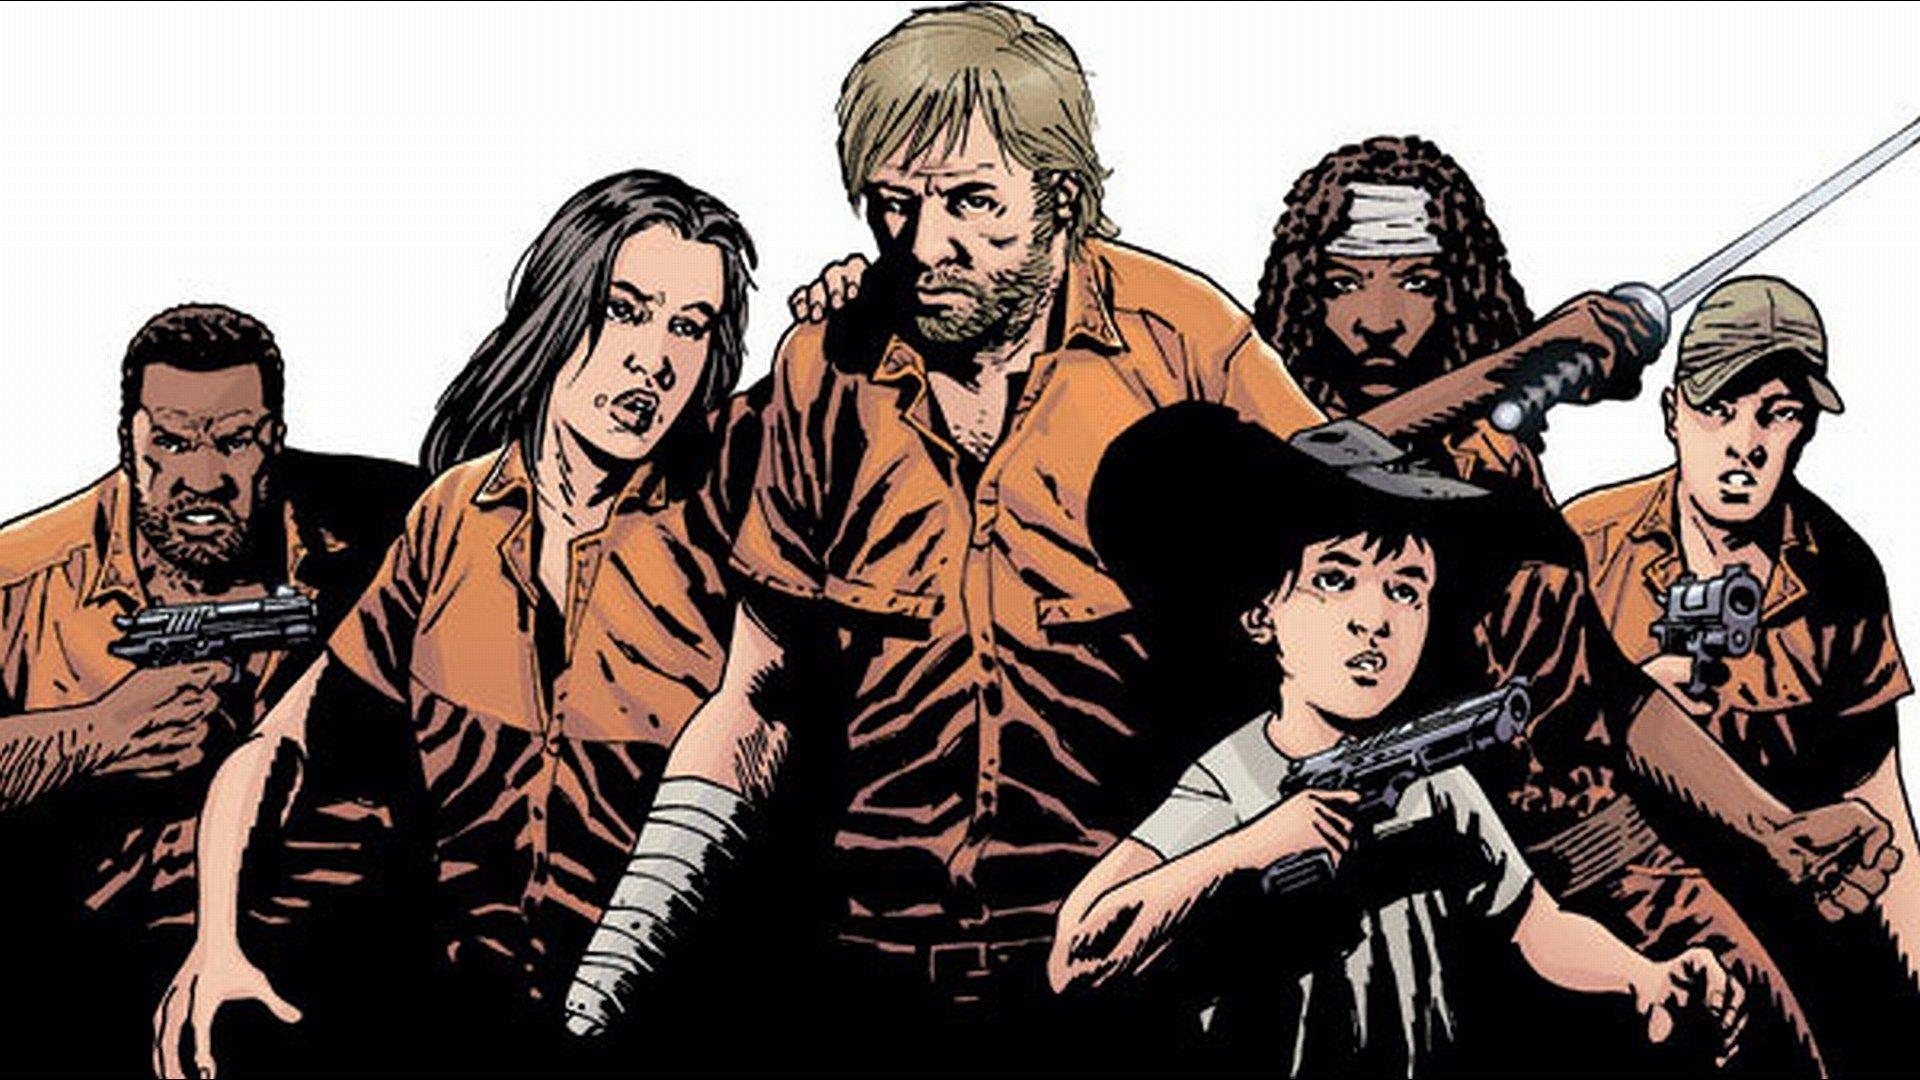 1707239 The Walking Dead Category